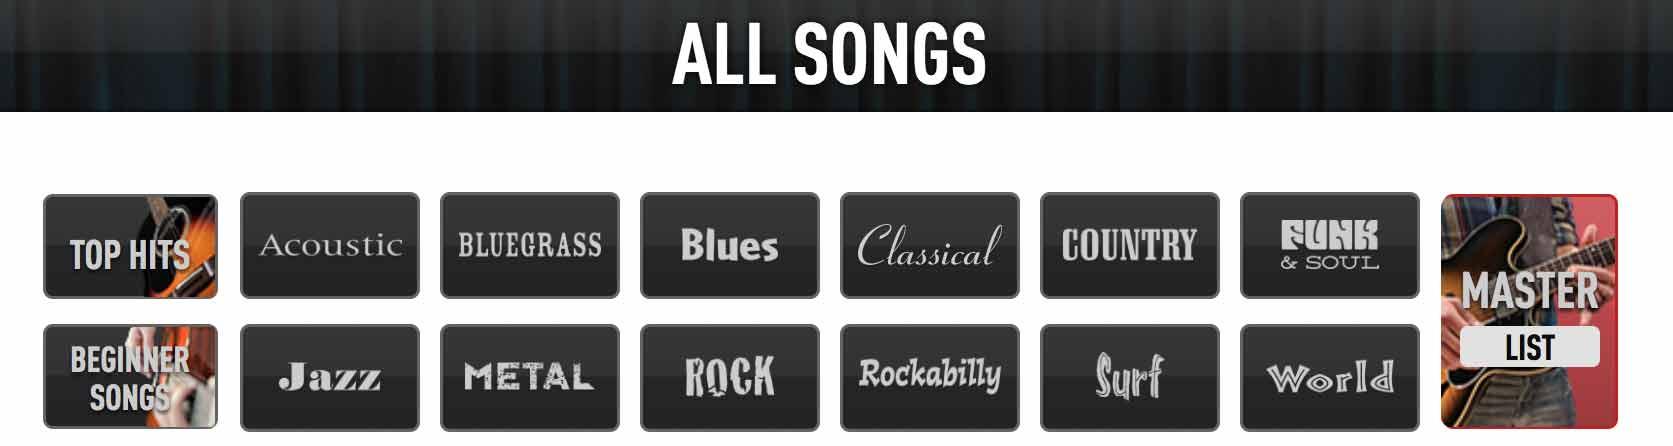 guitar-songs-styles-